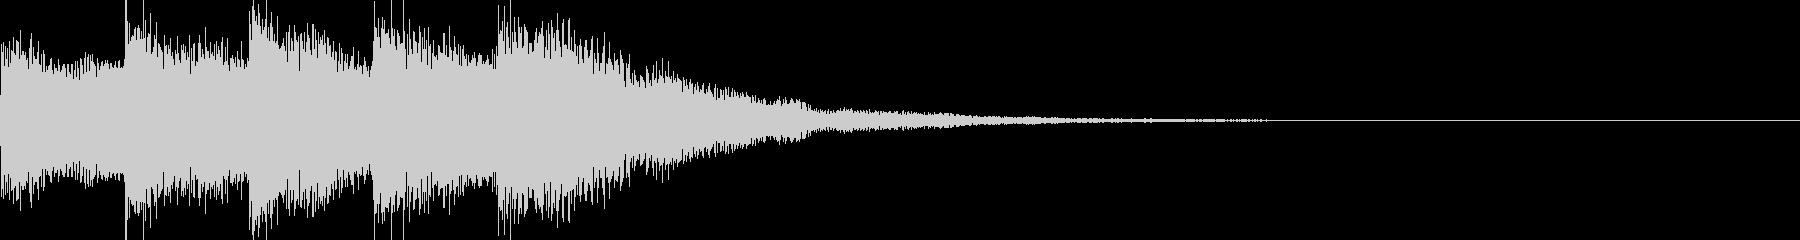 ピアノとドラムのロゴイメージ音の未再生の波形